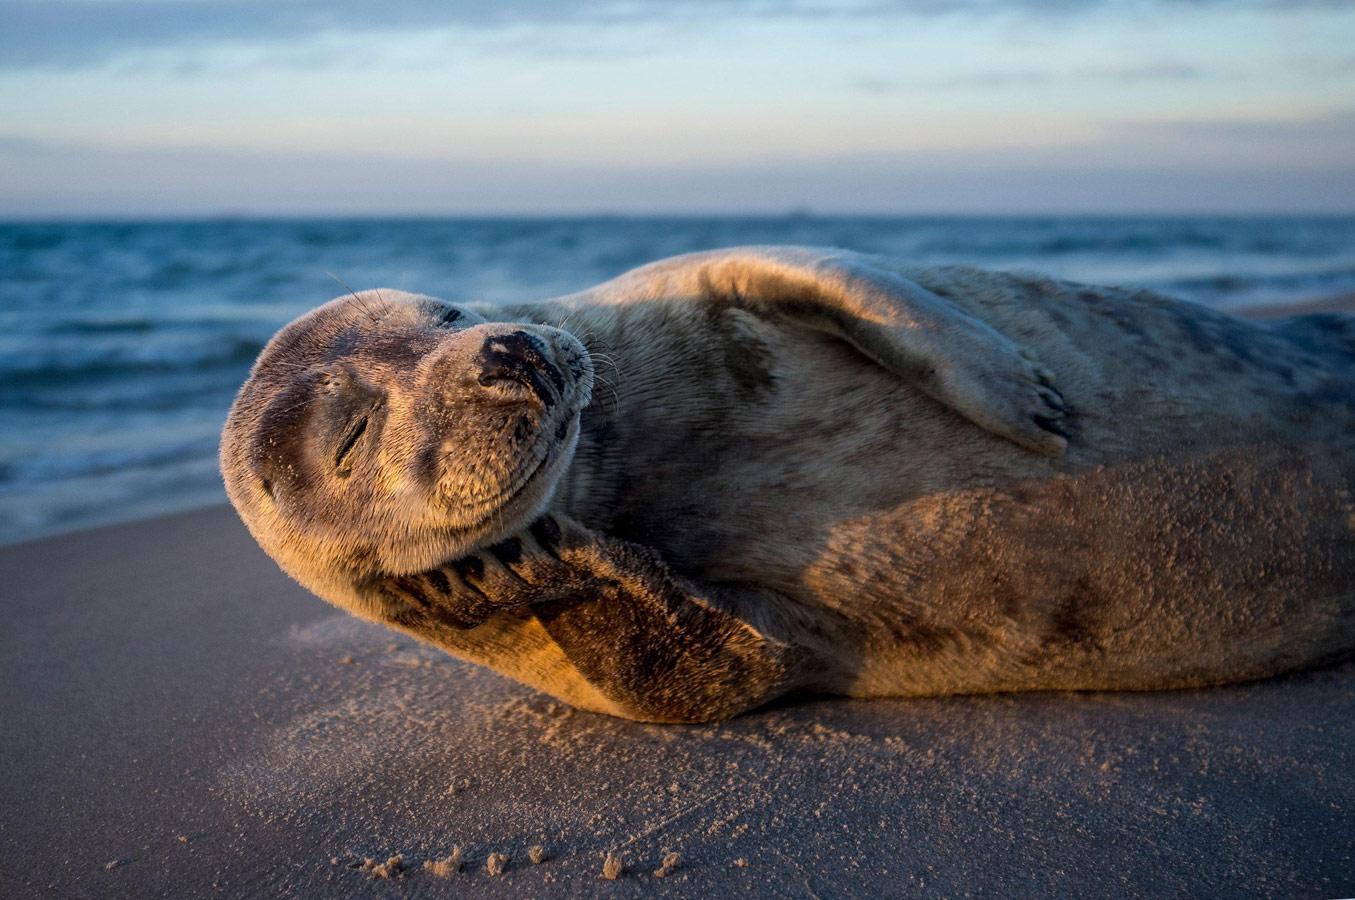 Счастливая жизнь, © Ларс Лыкке, Животные, Фотоконкурс CEWE